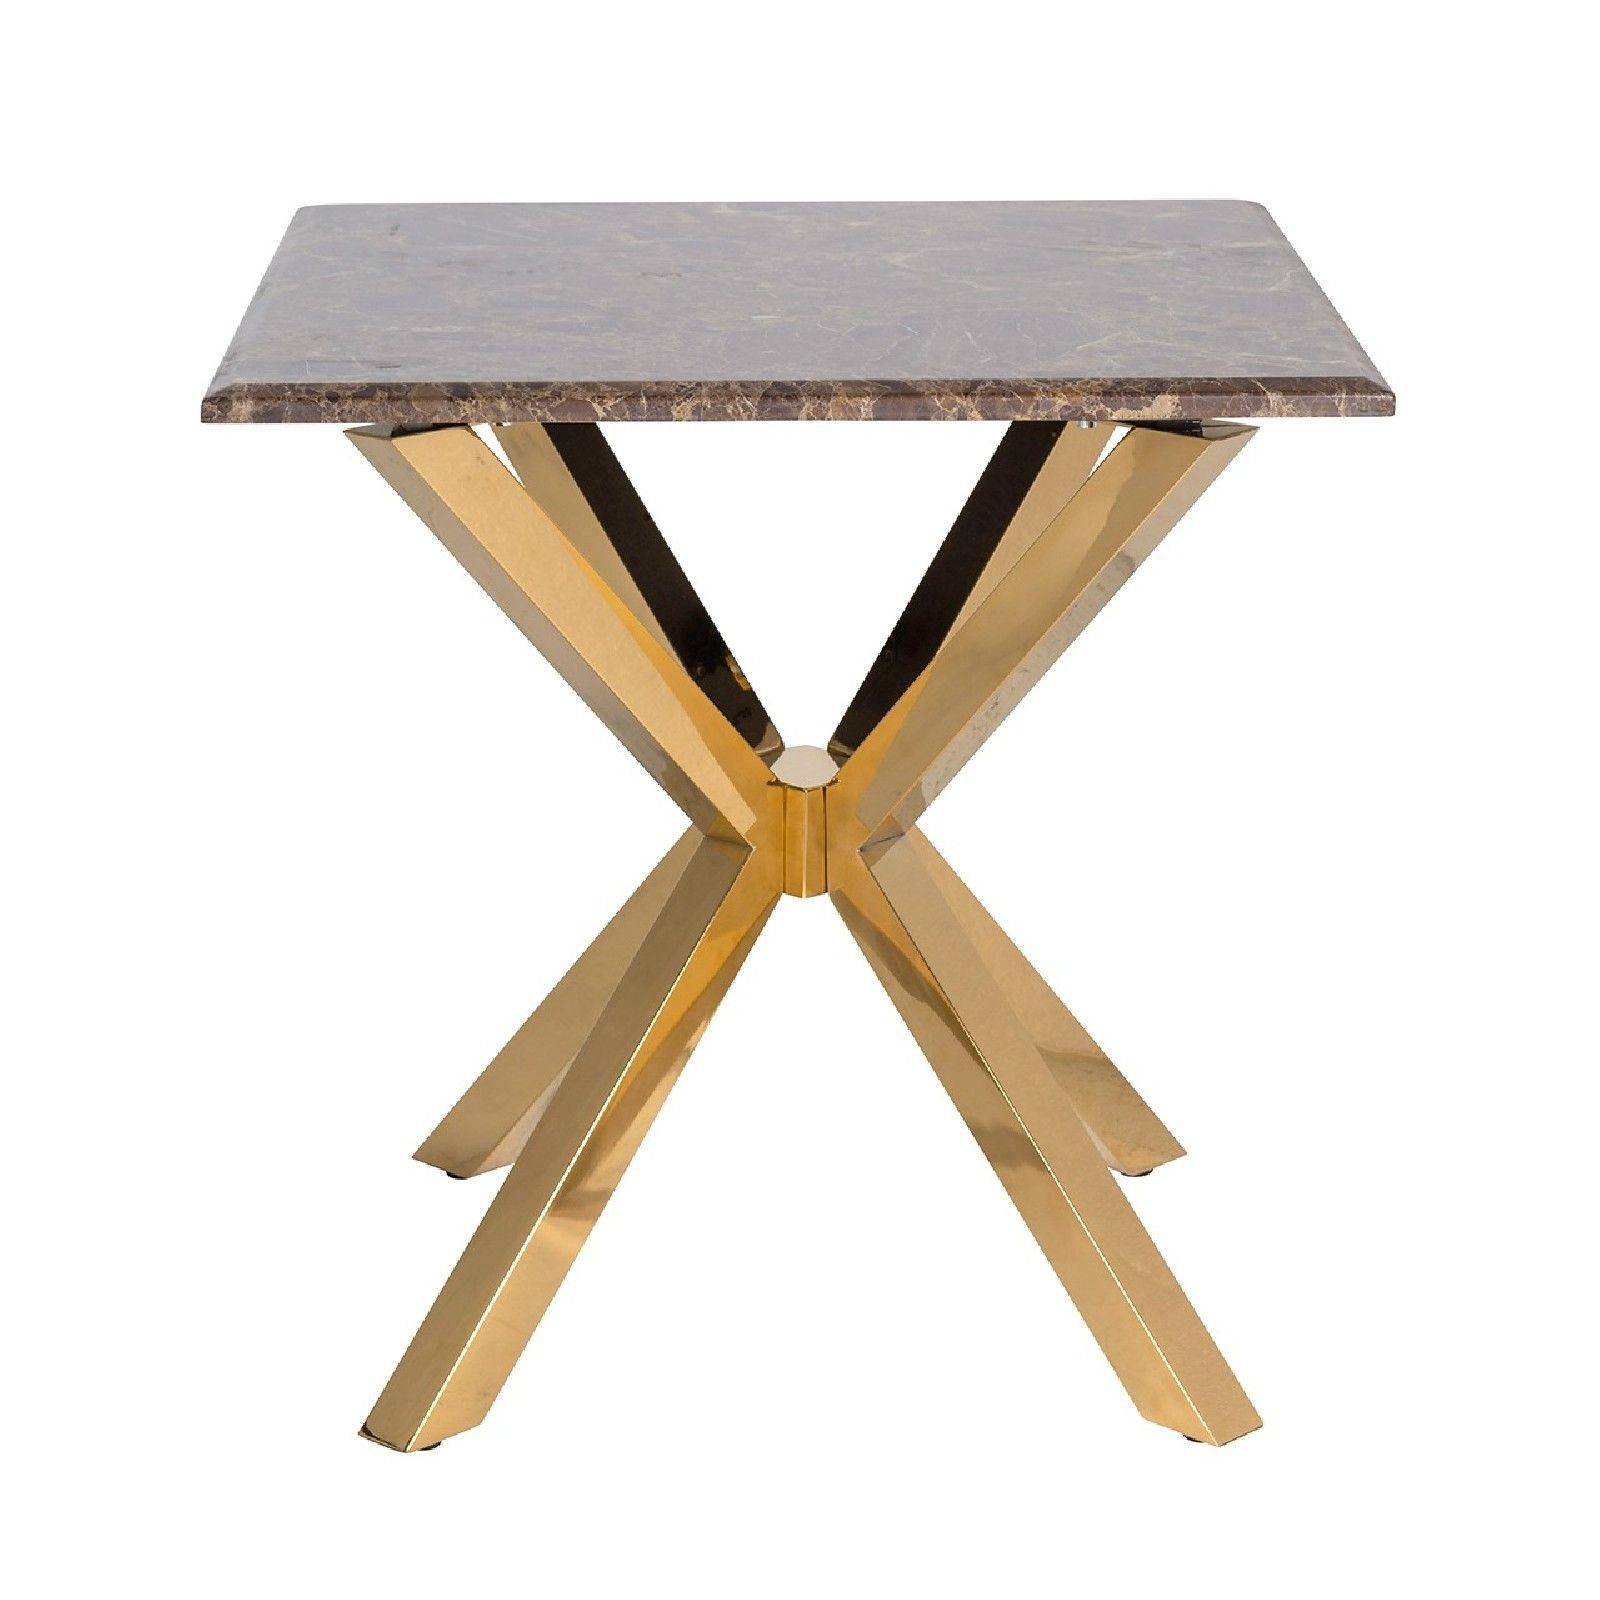 Table d'angle Conrad faux emperador marbre Meuble Déco Tendance - 94